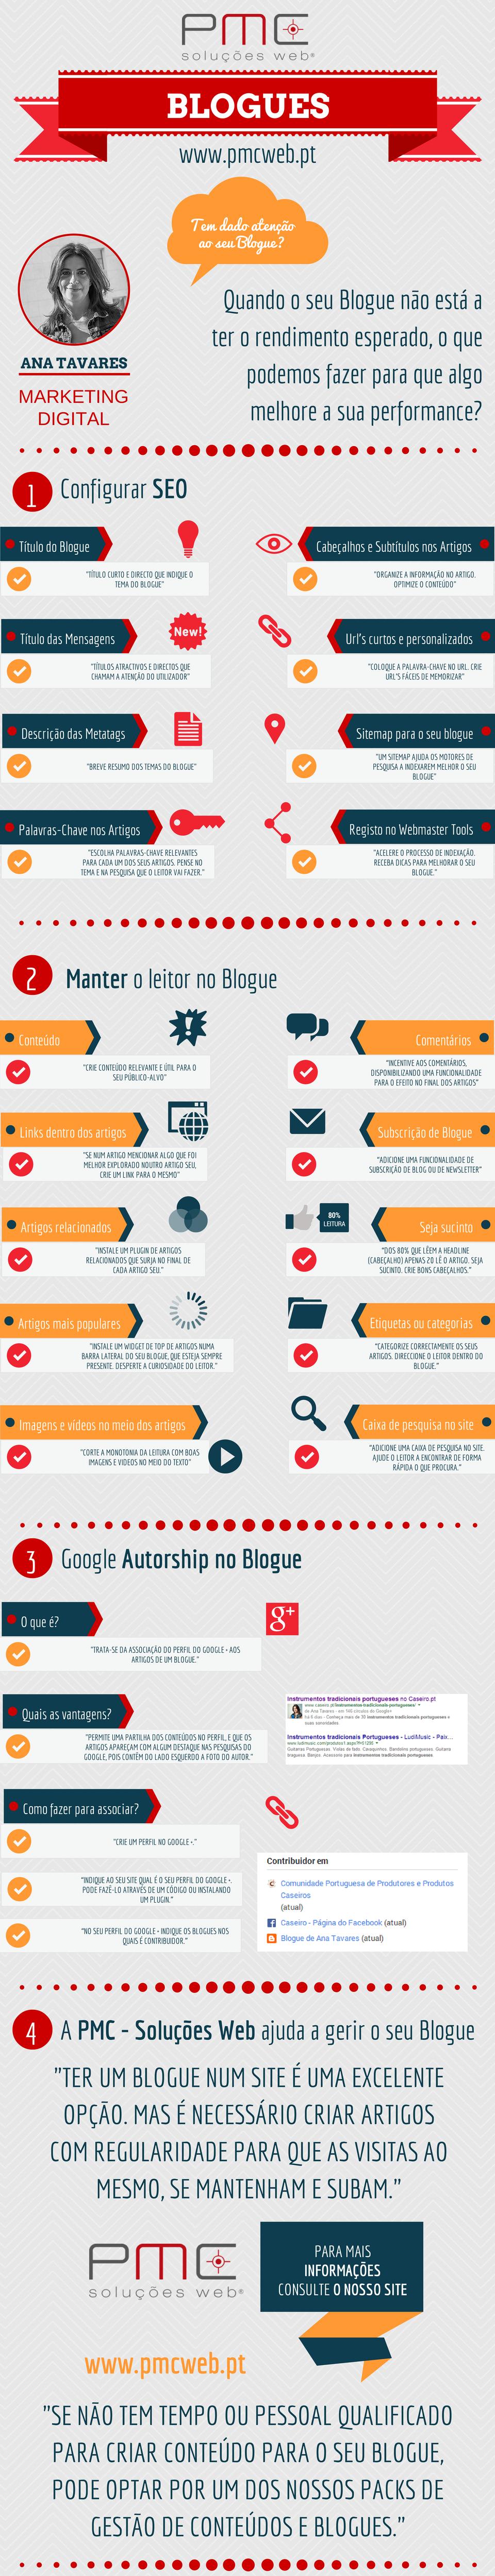 Infográfico com dicas de #seo, como manter um leitor mais tempo no blogue, instalar o google authorship.